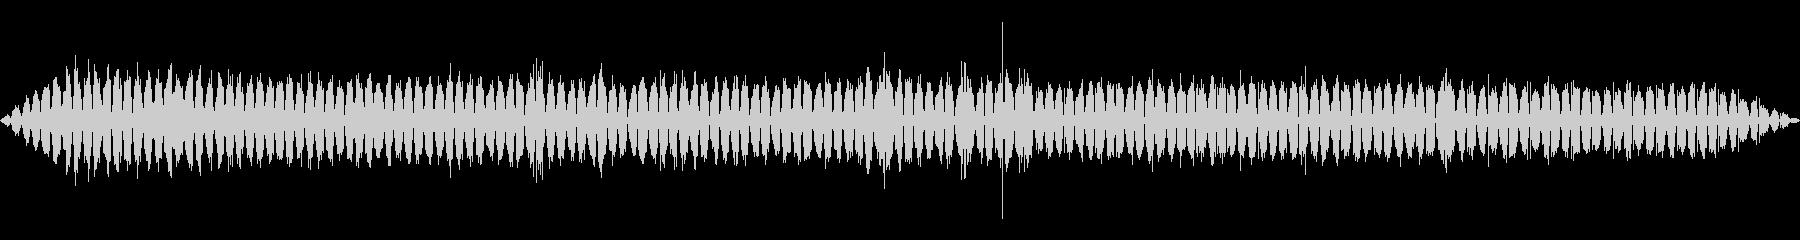 ハンド:高速スムーズサンディング、...の未再生の波形